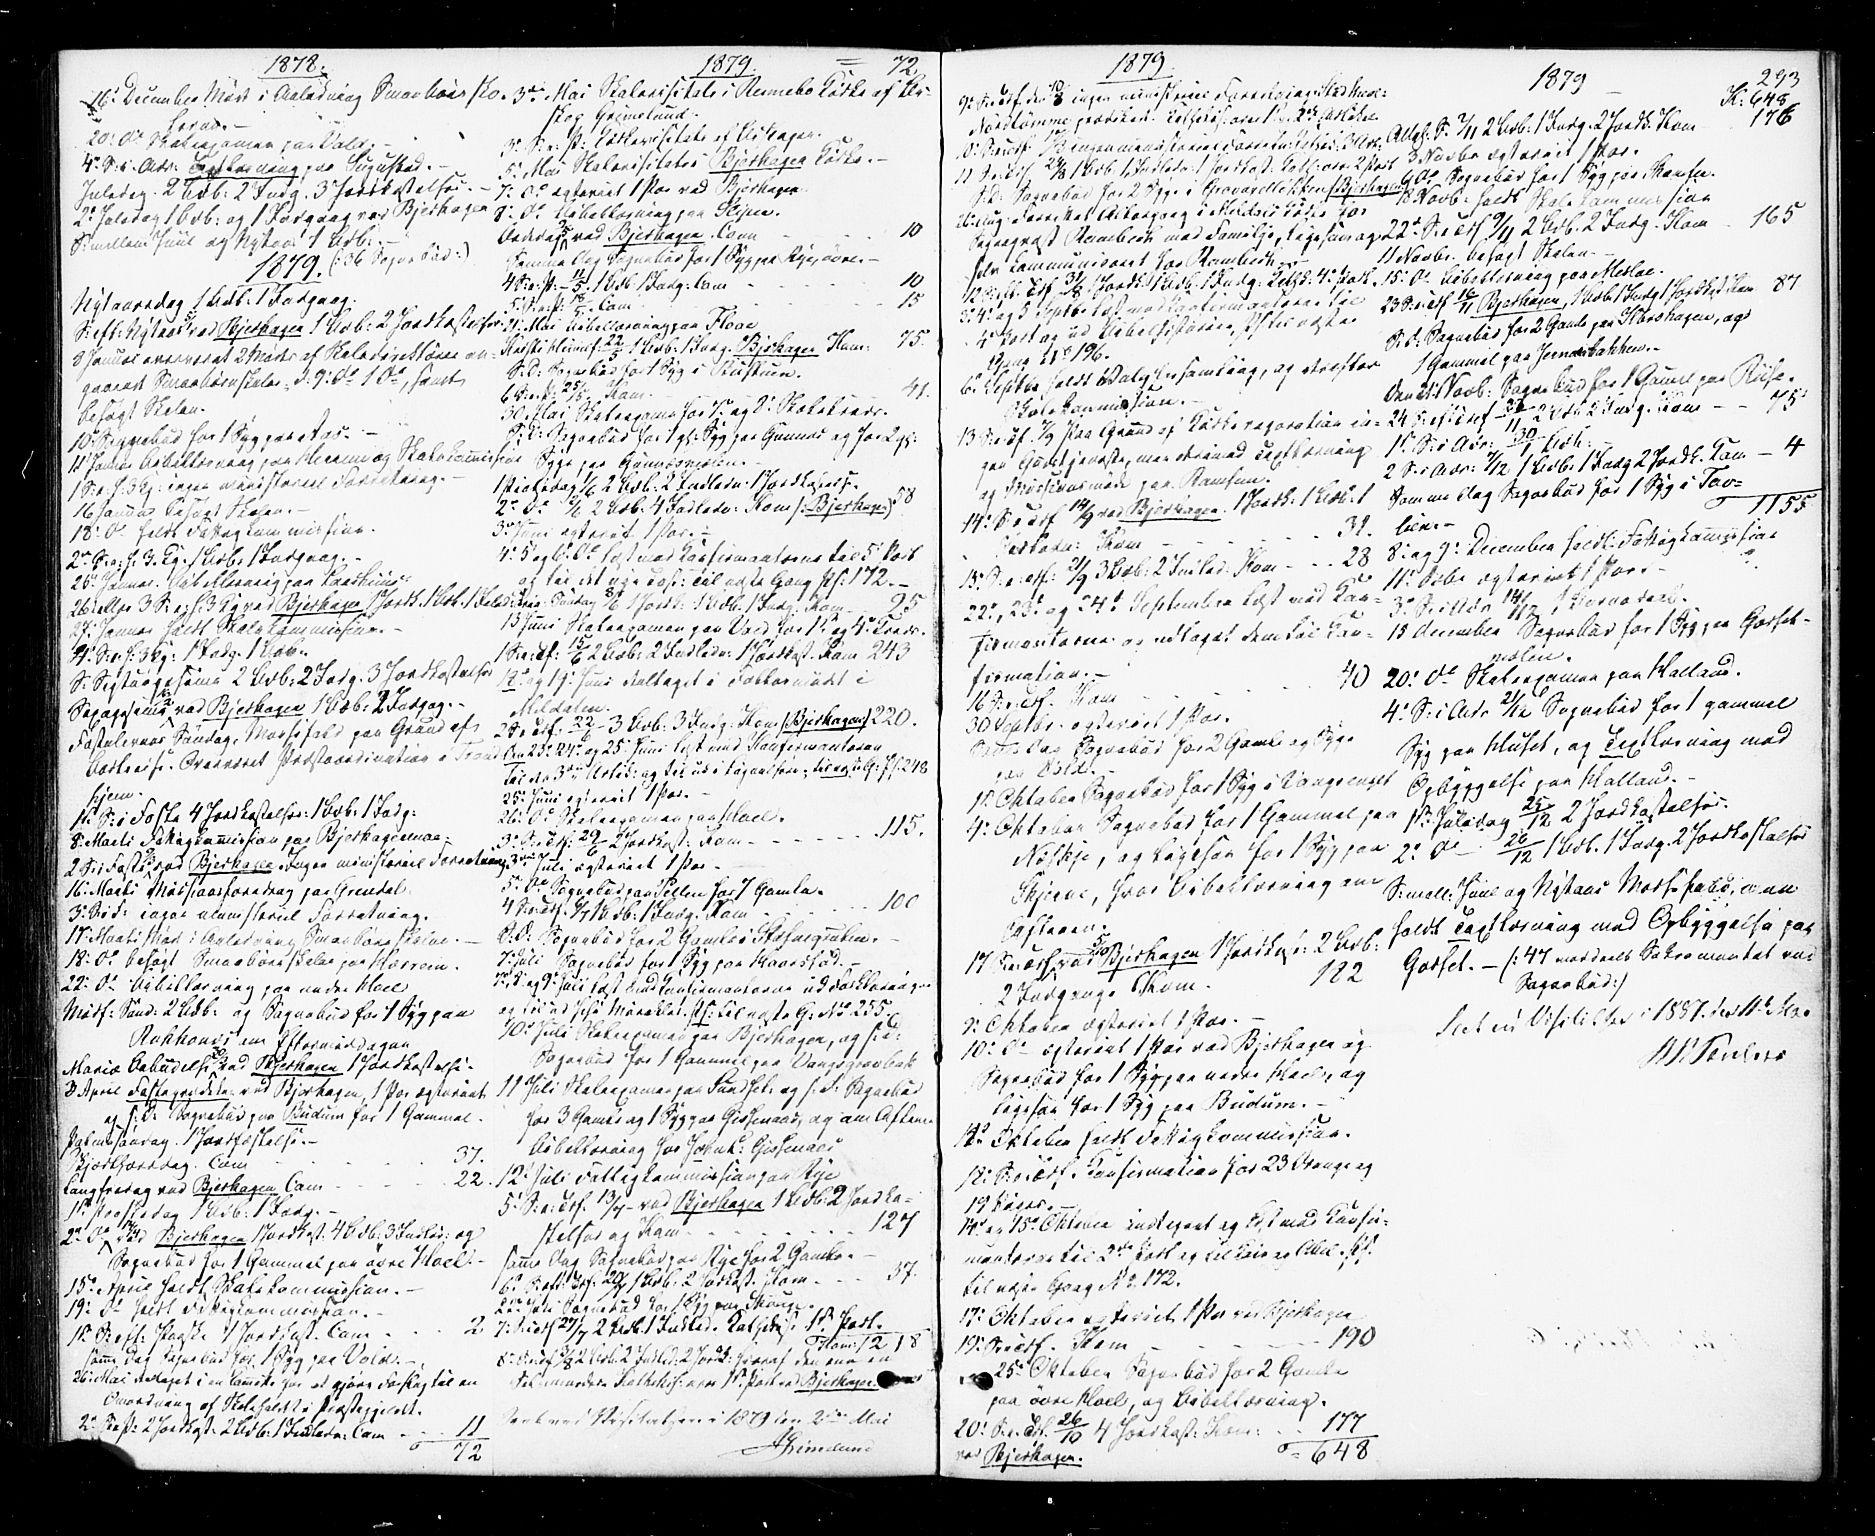 SAT, Ministerialprotokoller, klokkerbøker og fødselsregistre - Sør-Trøndelag, 674/L0870: Ministerialbok nr. 674A02, 1861-1879, s. 293